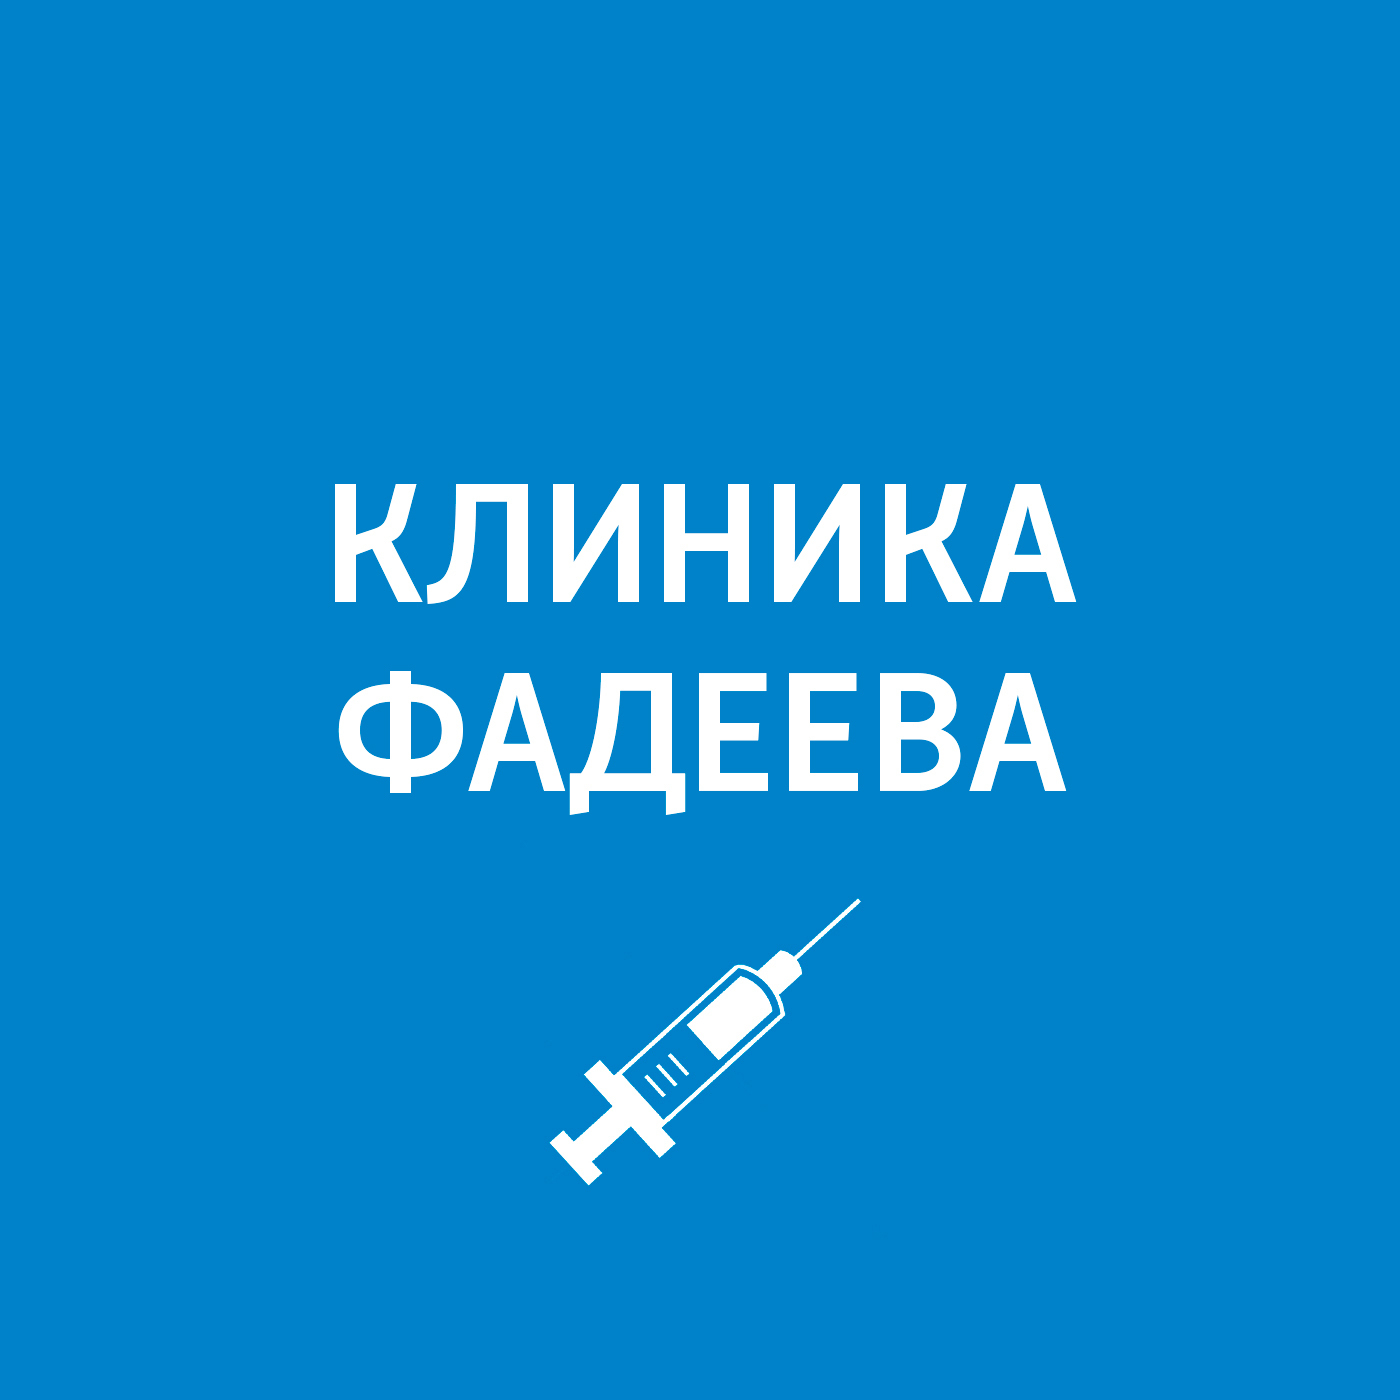 Фото - Пётр Фадеев Аллергия севастьян пигалев аллергия выбираем свободу